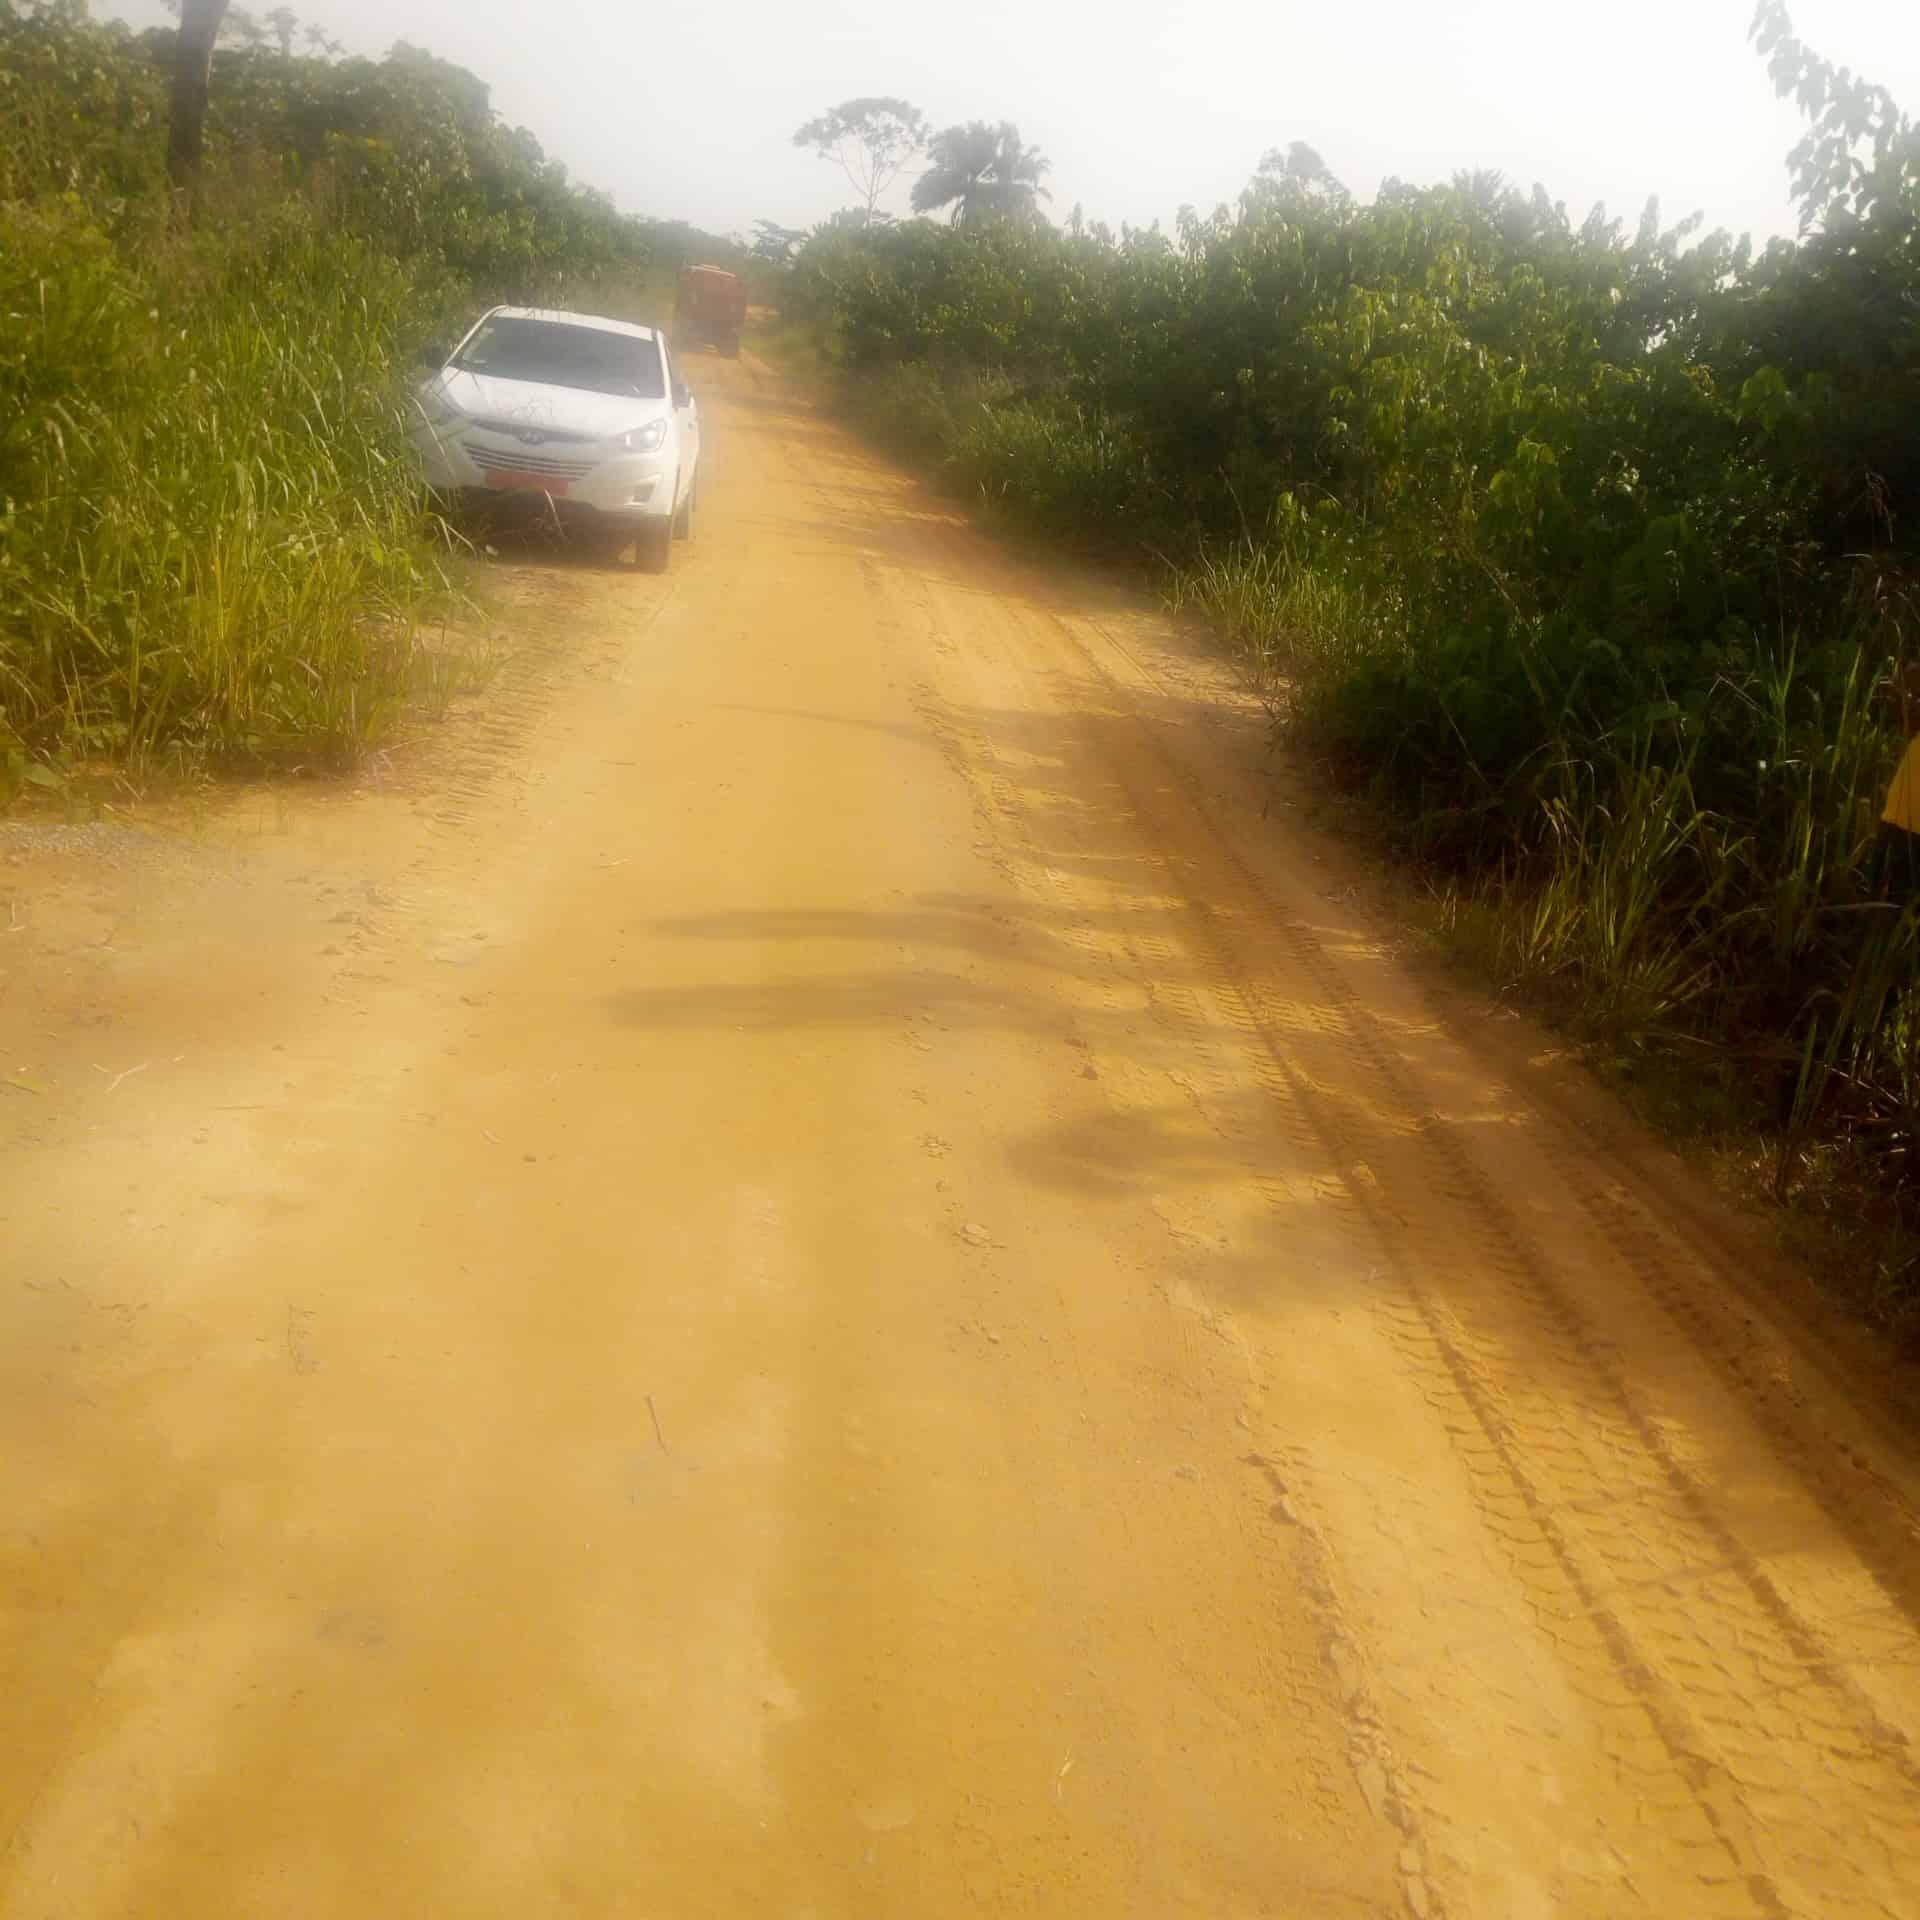 Land for sale at Douala, Lendi, Quartier général - 5000 m2 - 50 000 000 FCFA